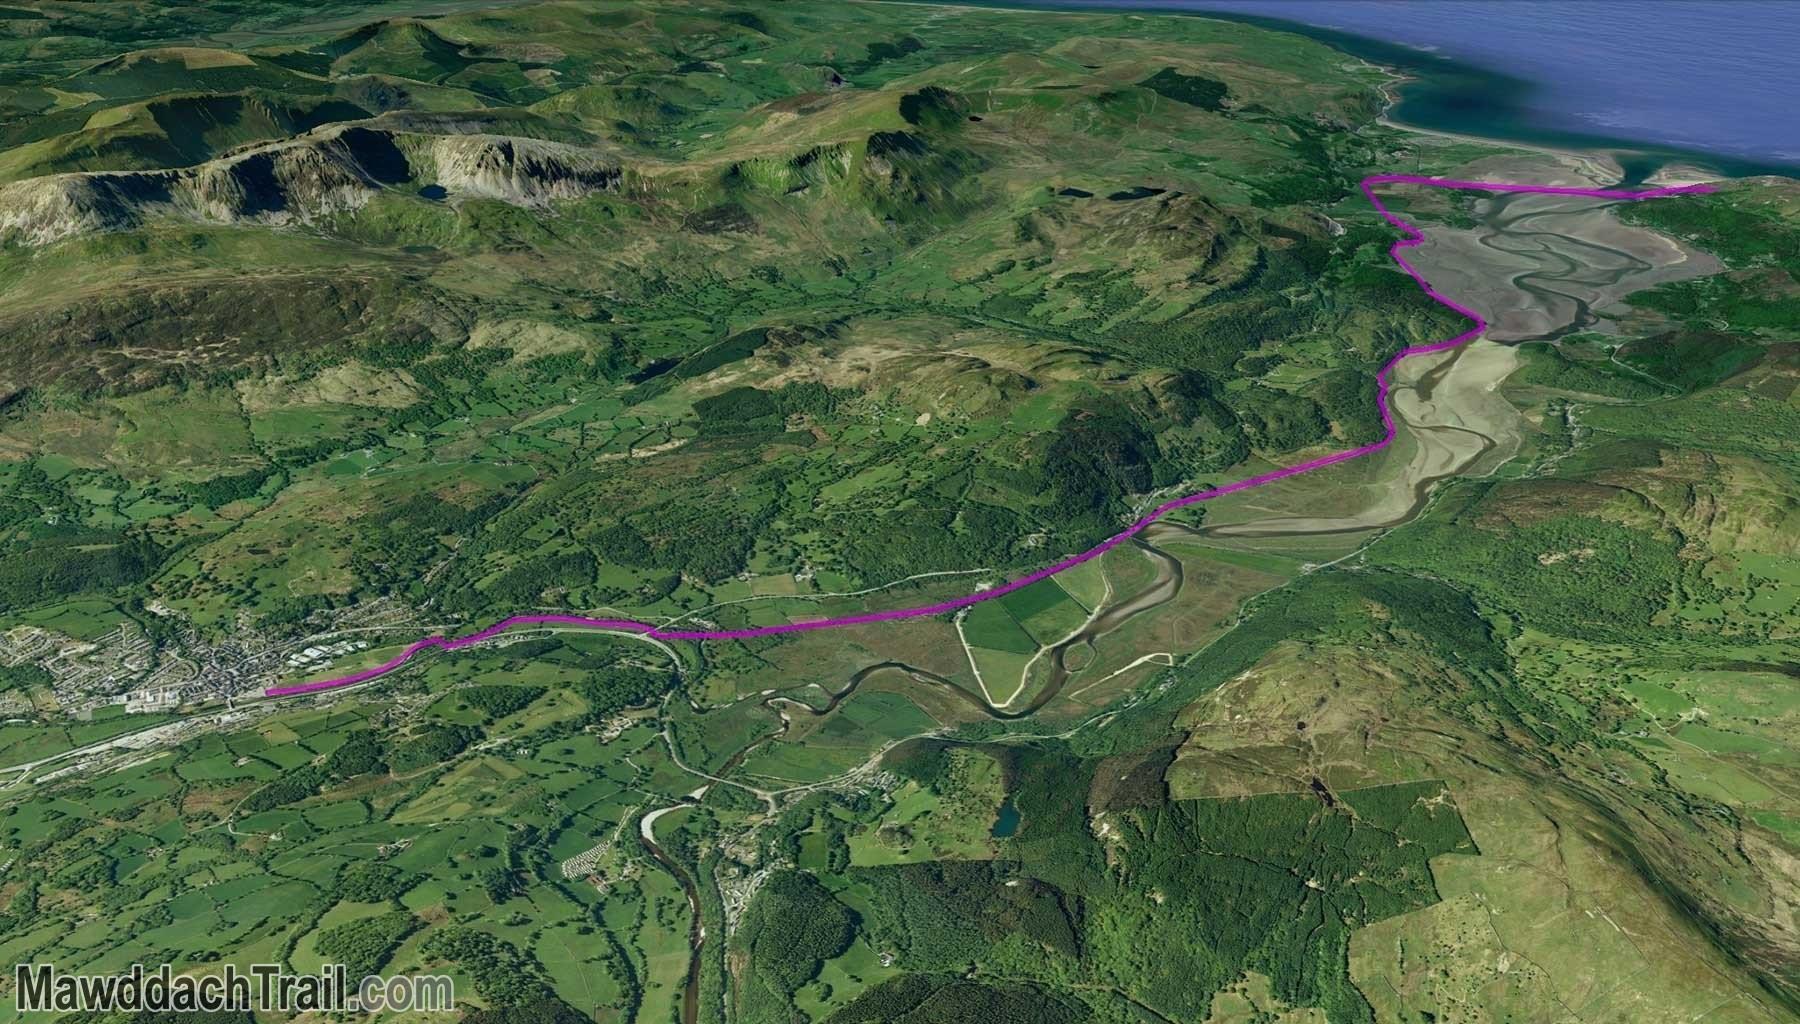 The Mawddach Trail - Dolgellau to Barmouth